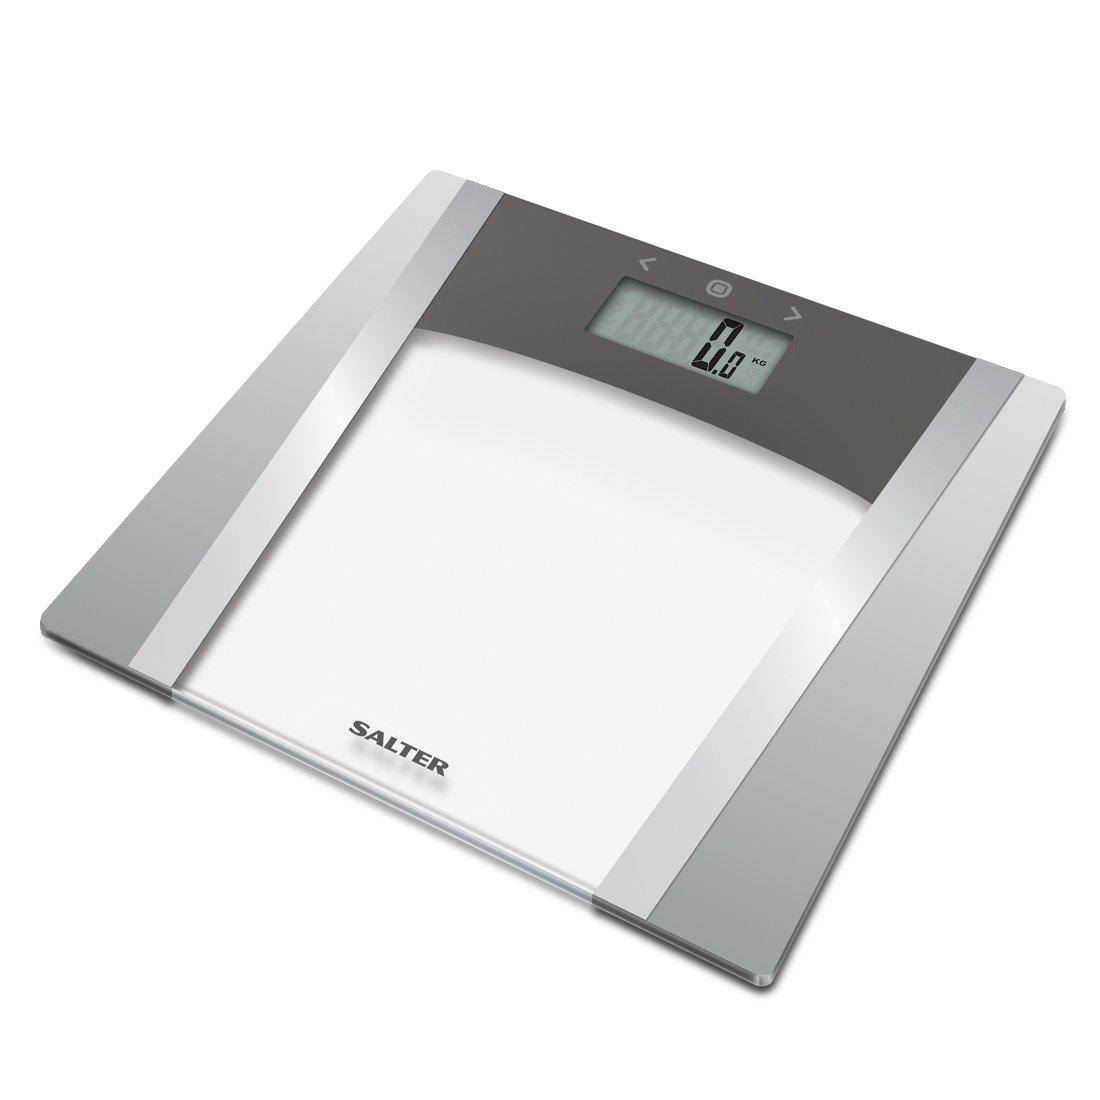 Salter Básculas de baño digitales, Medida Peso Porcentaje de grasa corporal Agua Masa muscular Masa IMC BMR, 10 Memoria de usuario, Grigio: Amazon.es: Salud ...